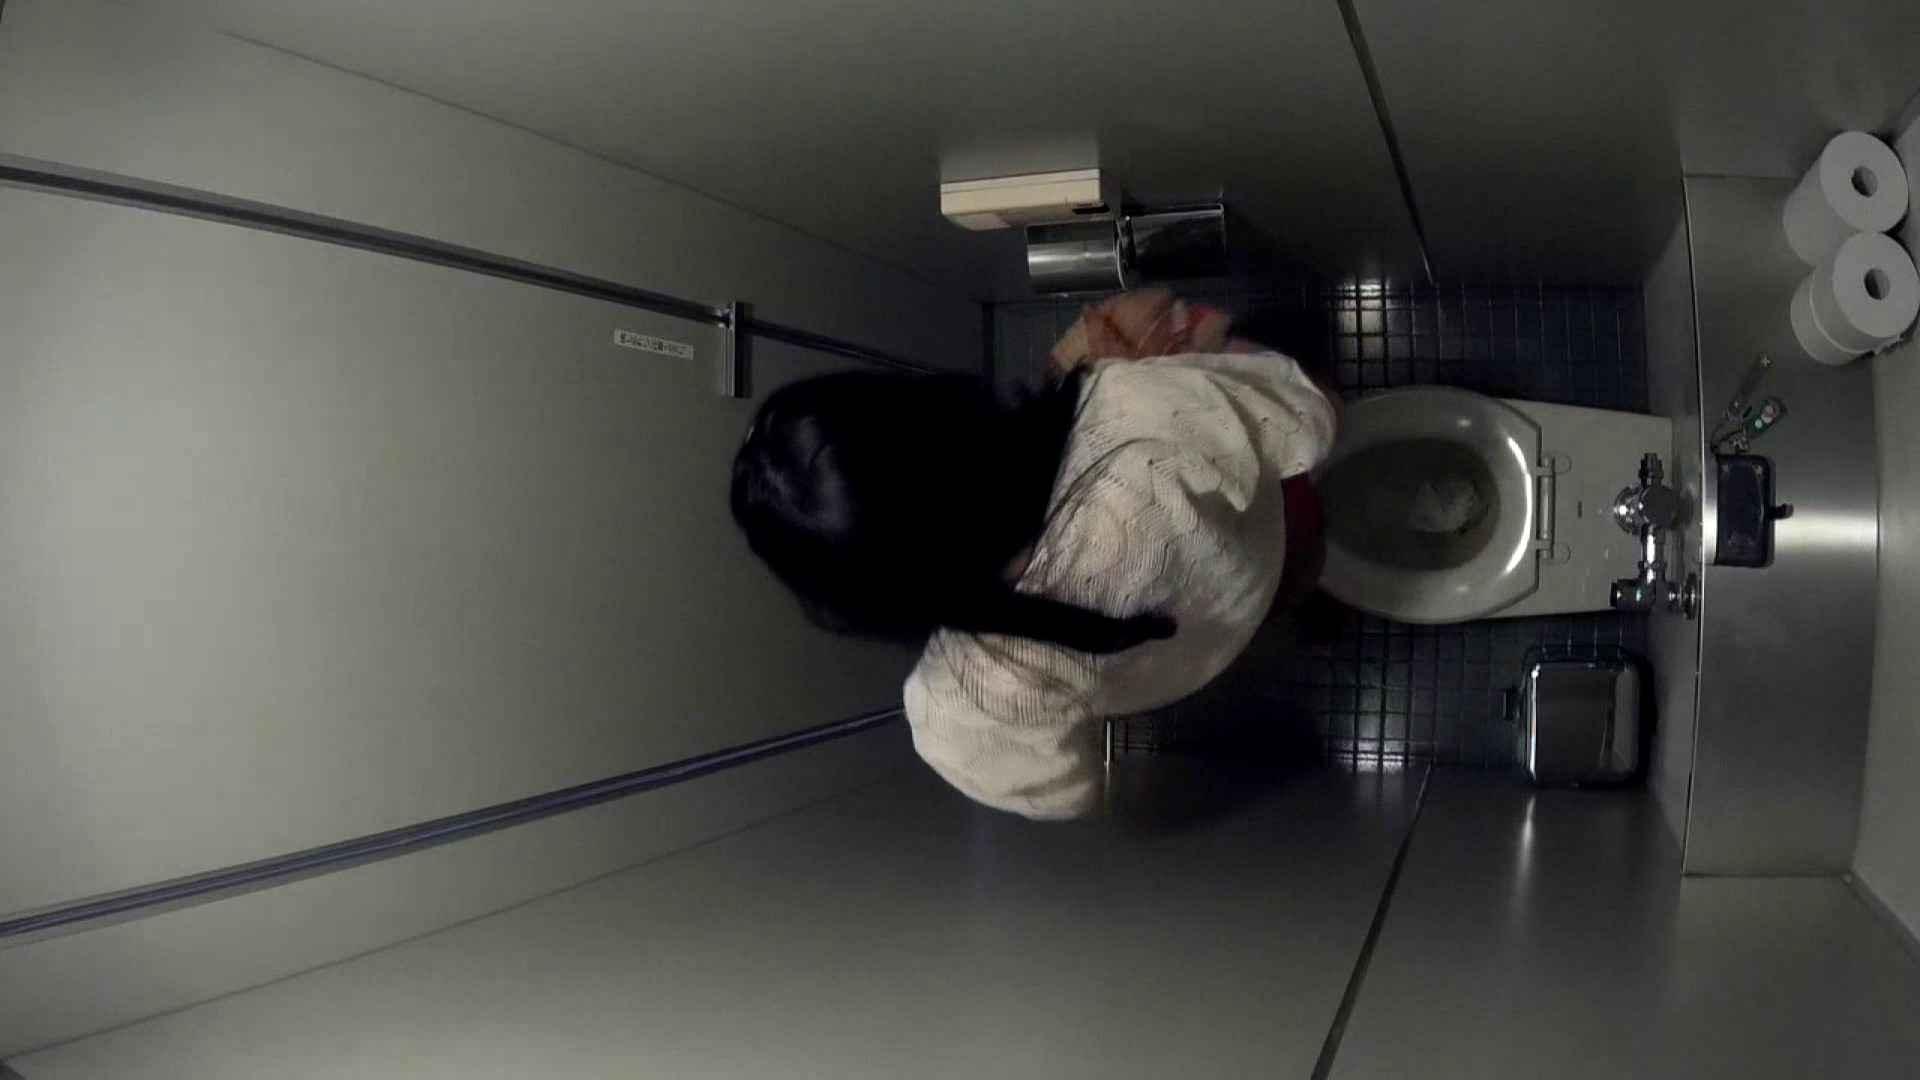 有名大学女性洗面所 vol.45 冴え渡る多方向撮影!職人技です。 投稿 | 綺麗なOLたち  88枚 21